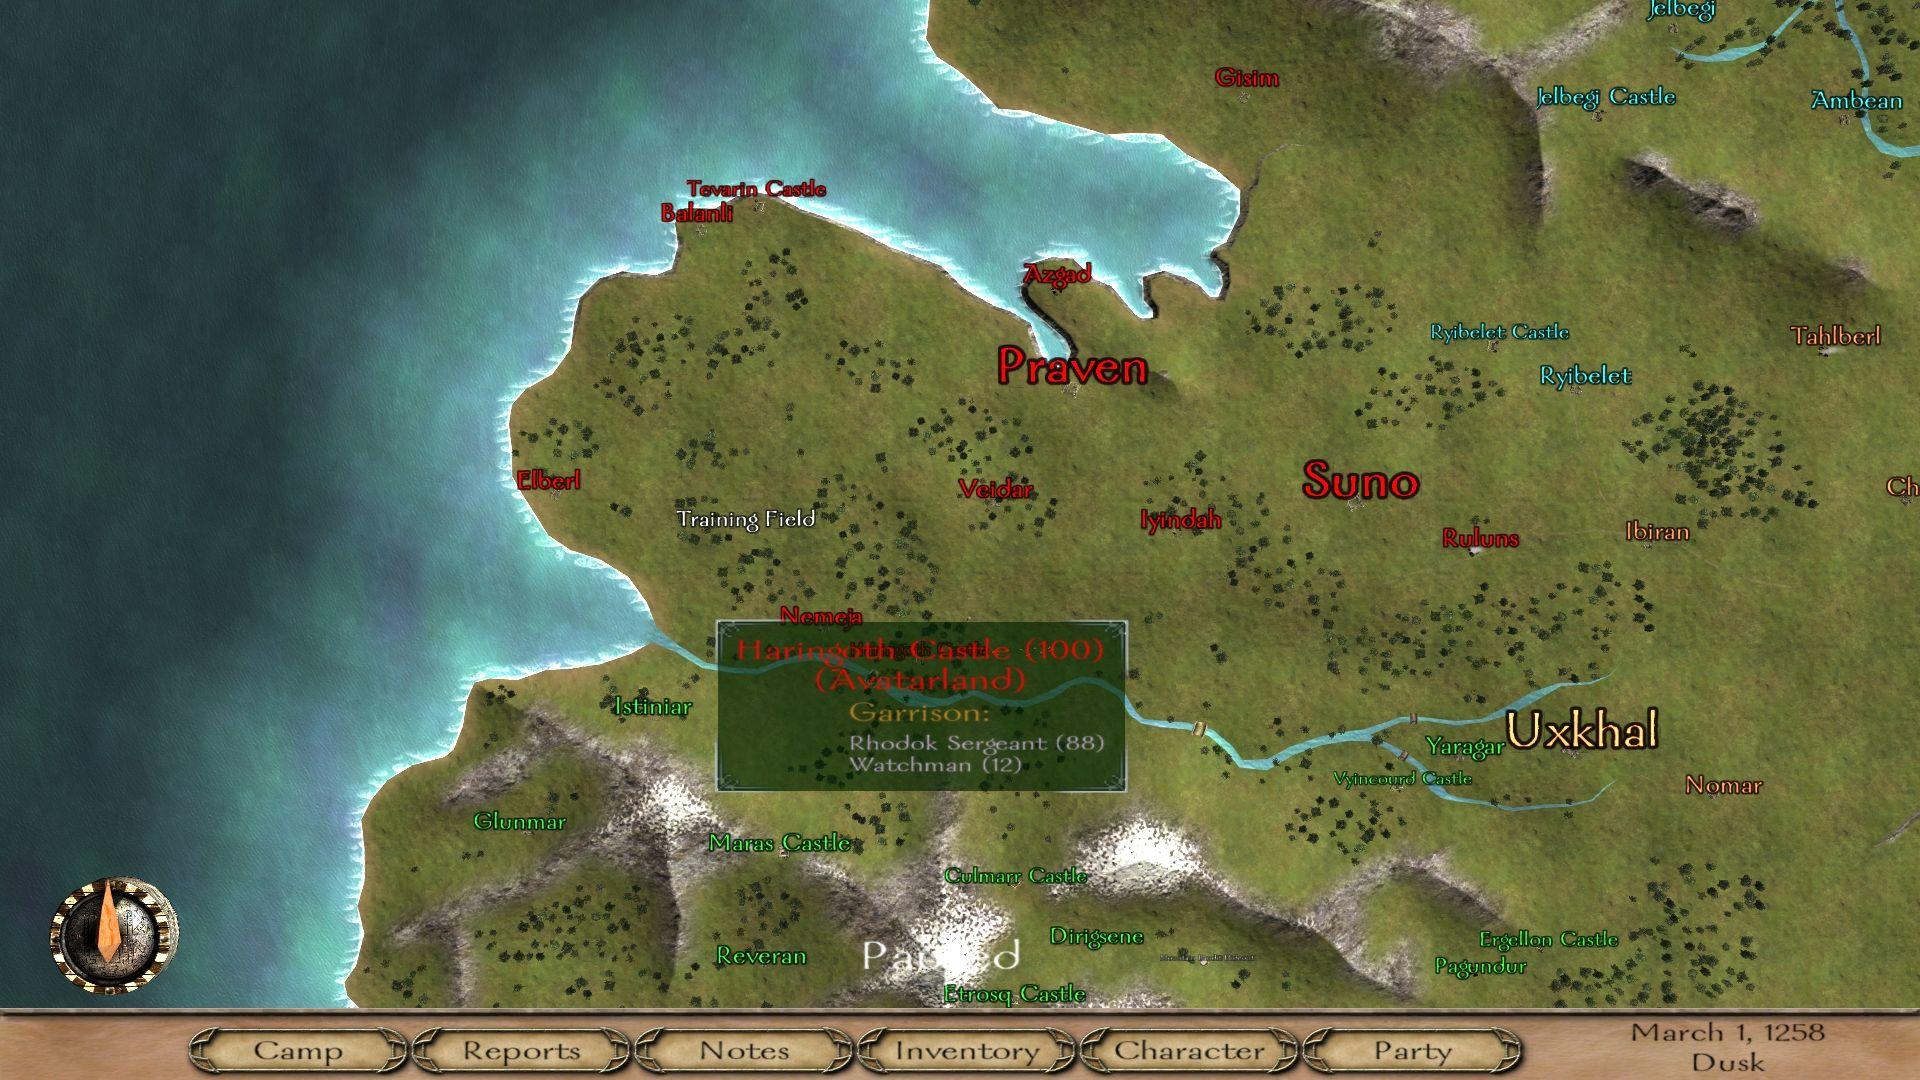 Mount & Blade [Map]